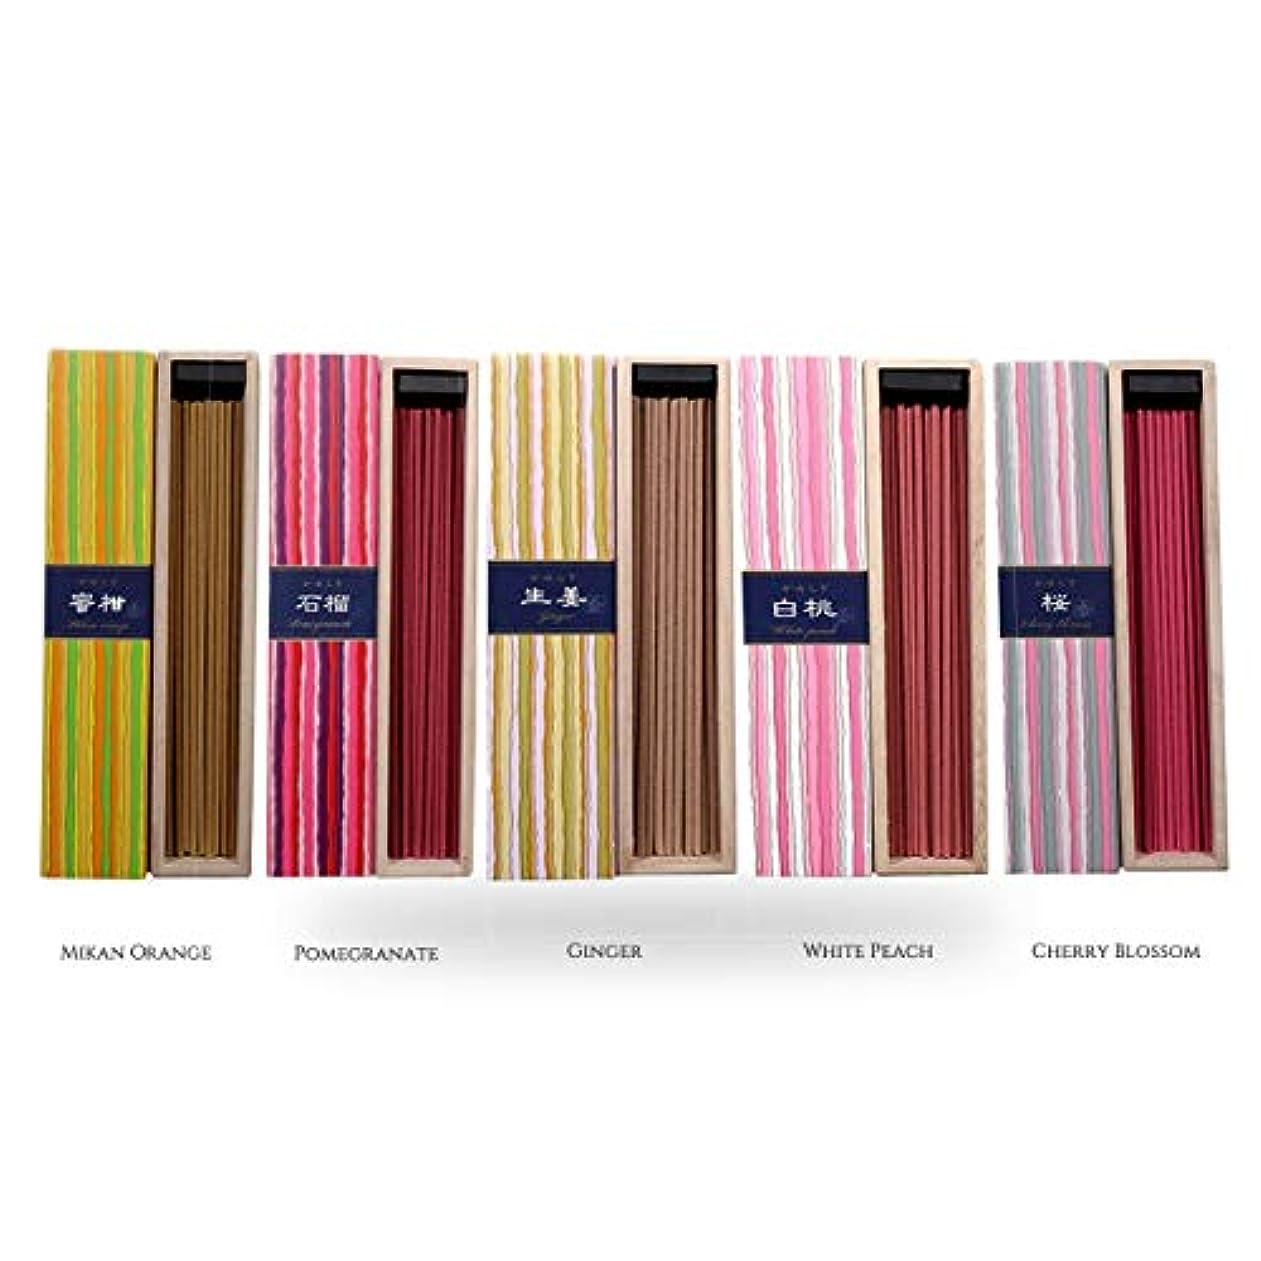 騒ふざけた秘密のiTakara 日本香コレクション | 日本の庭 40x5 | リラックス、瞑想、祈り、読書、ヨガ用フローラルとアロマの木の香り | クリーン燃焼、ピュアな香り